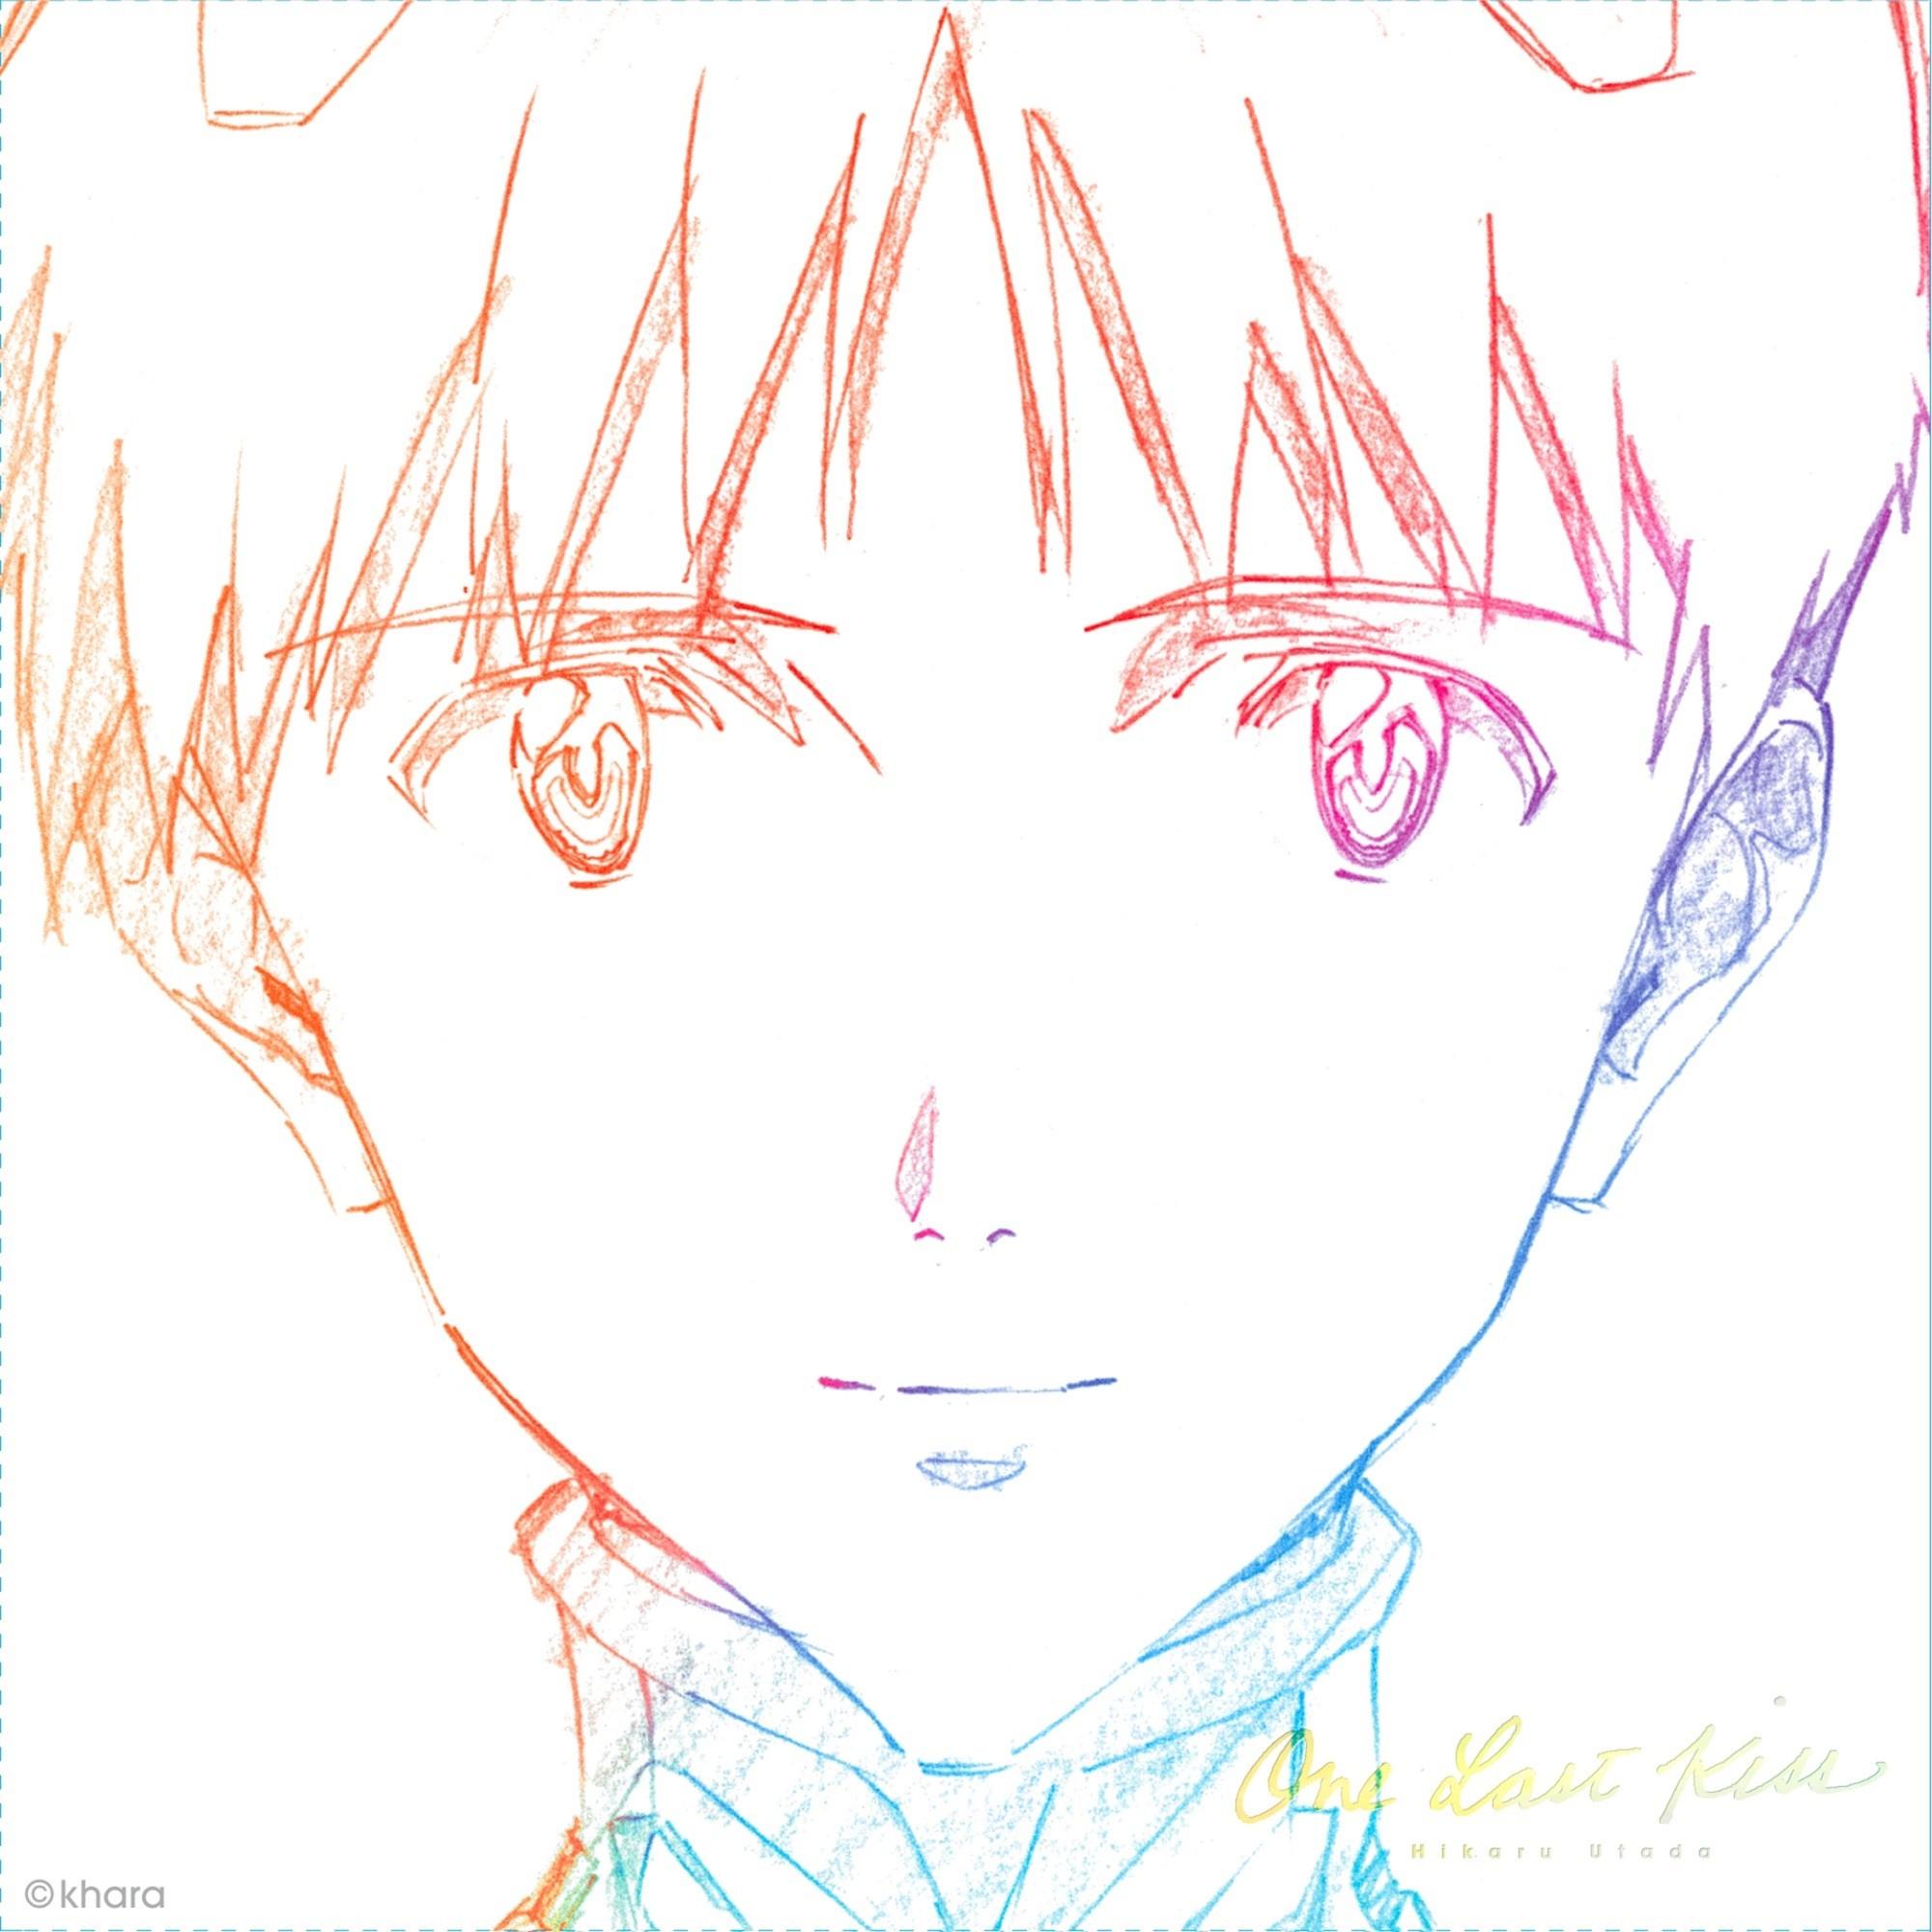 宇多田ヒカル (Utada Hikaru) – One Last Kiss [24bit Lossless + MP3 320 / WEB] [2021.03.09]